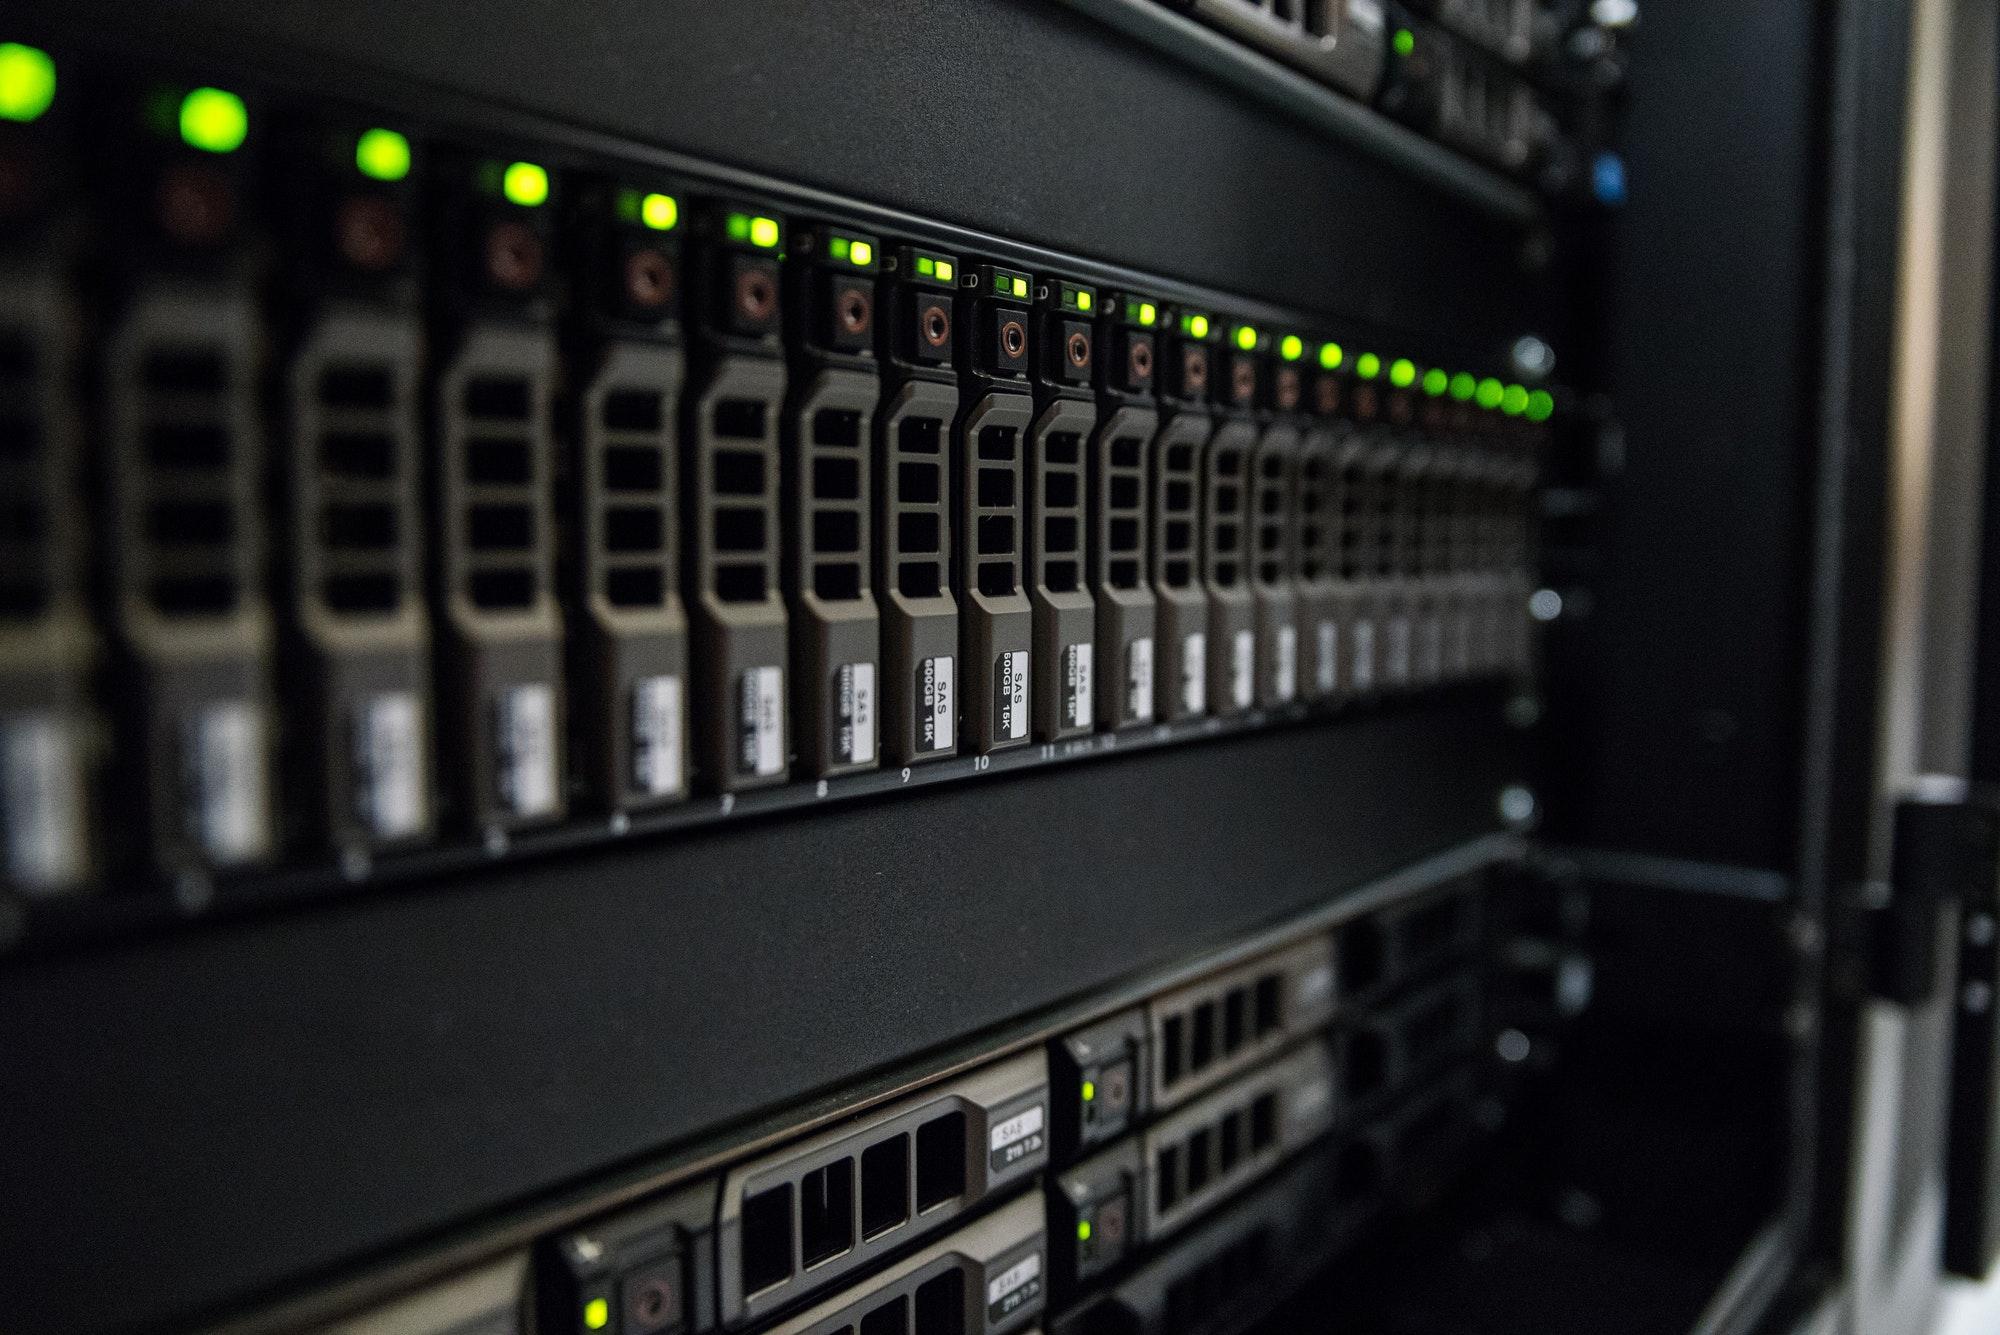 מהי בעיית המידע? | ליאב גפן